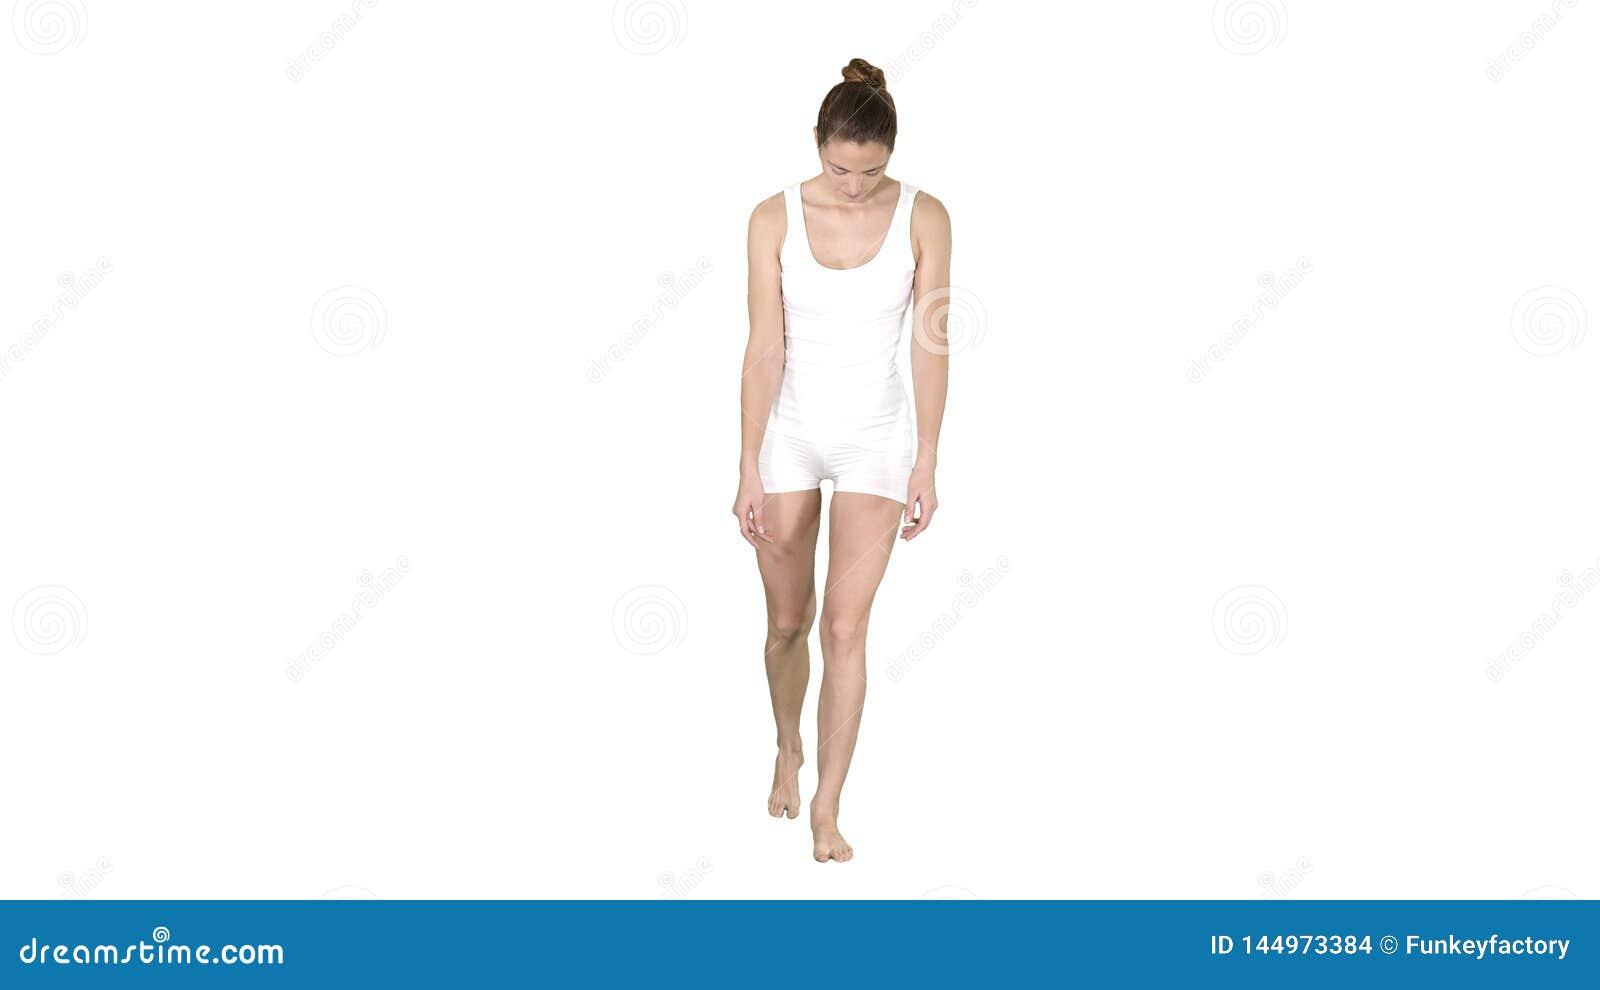 Roupa interior magro de Walking In White do modelo no fundo branco